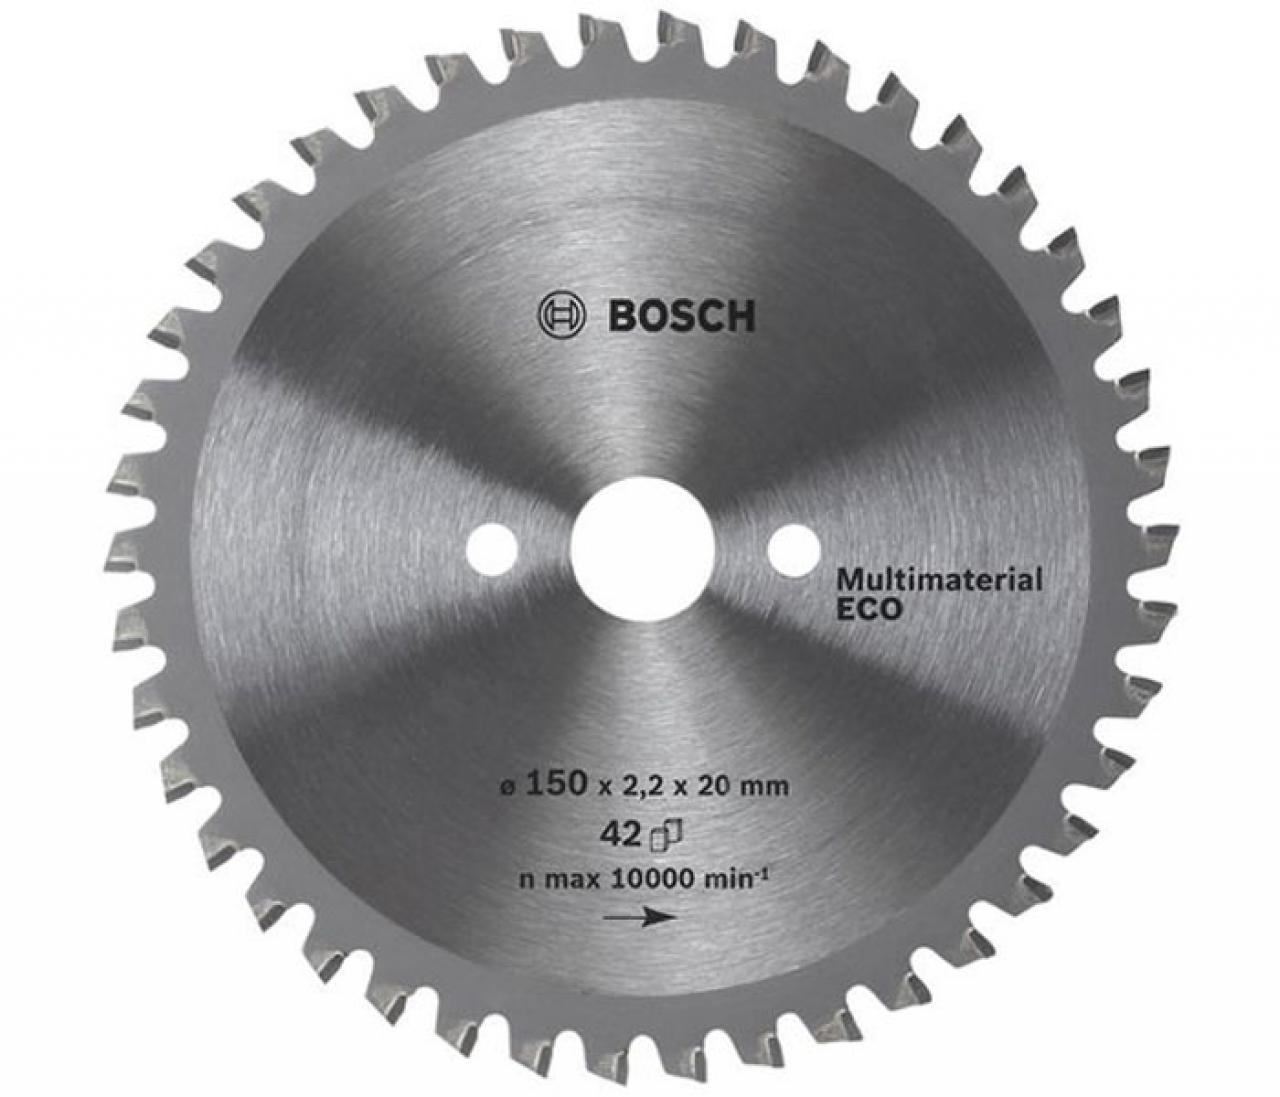 Диск пильный BOSCH 250x30 z80 Multimaterial Eco